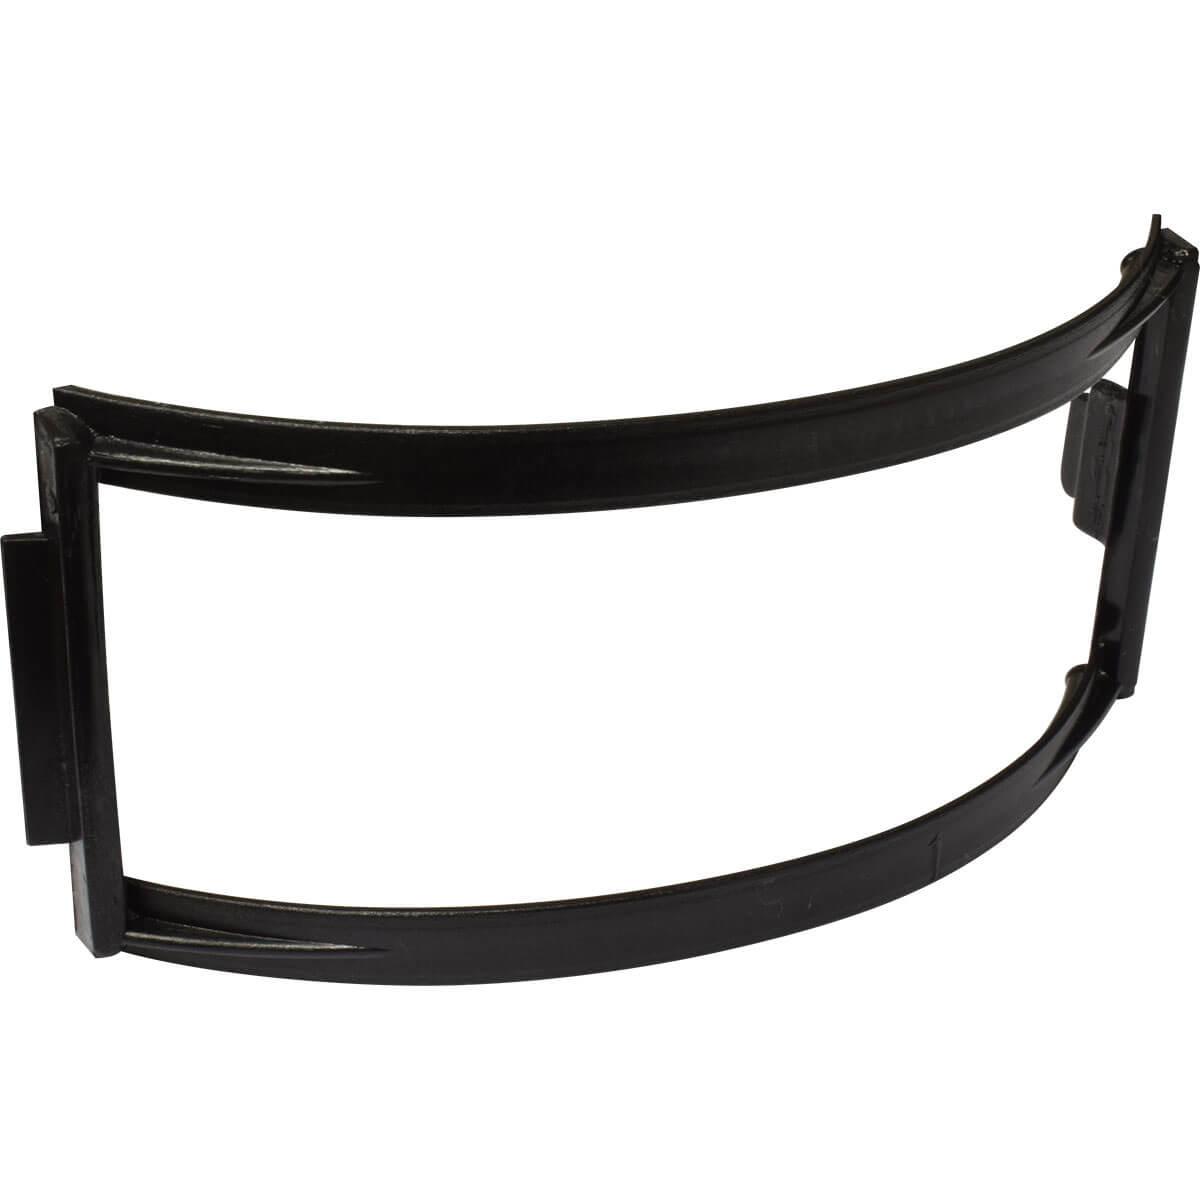 Mola Plástica Fixa Visor da Máscara de Solda Ledan 58778bd0c7